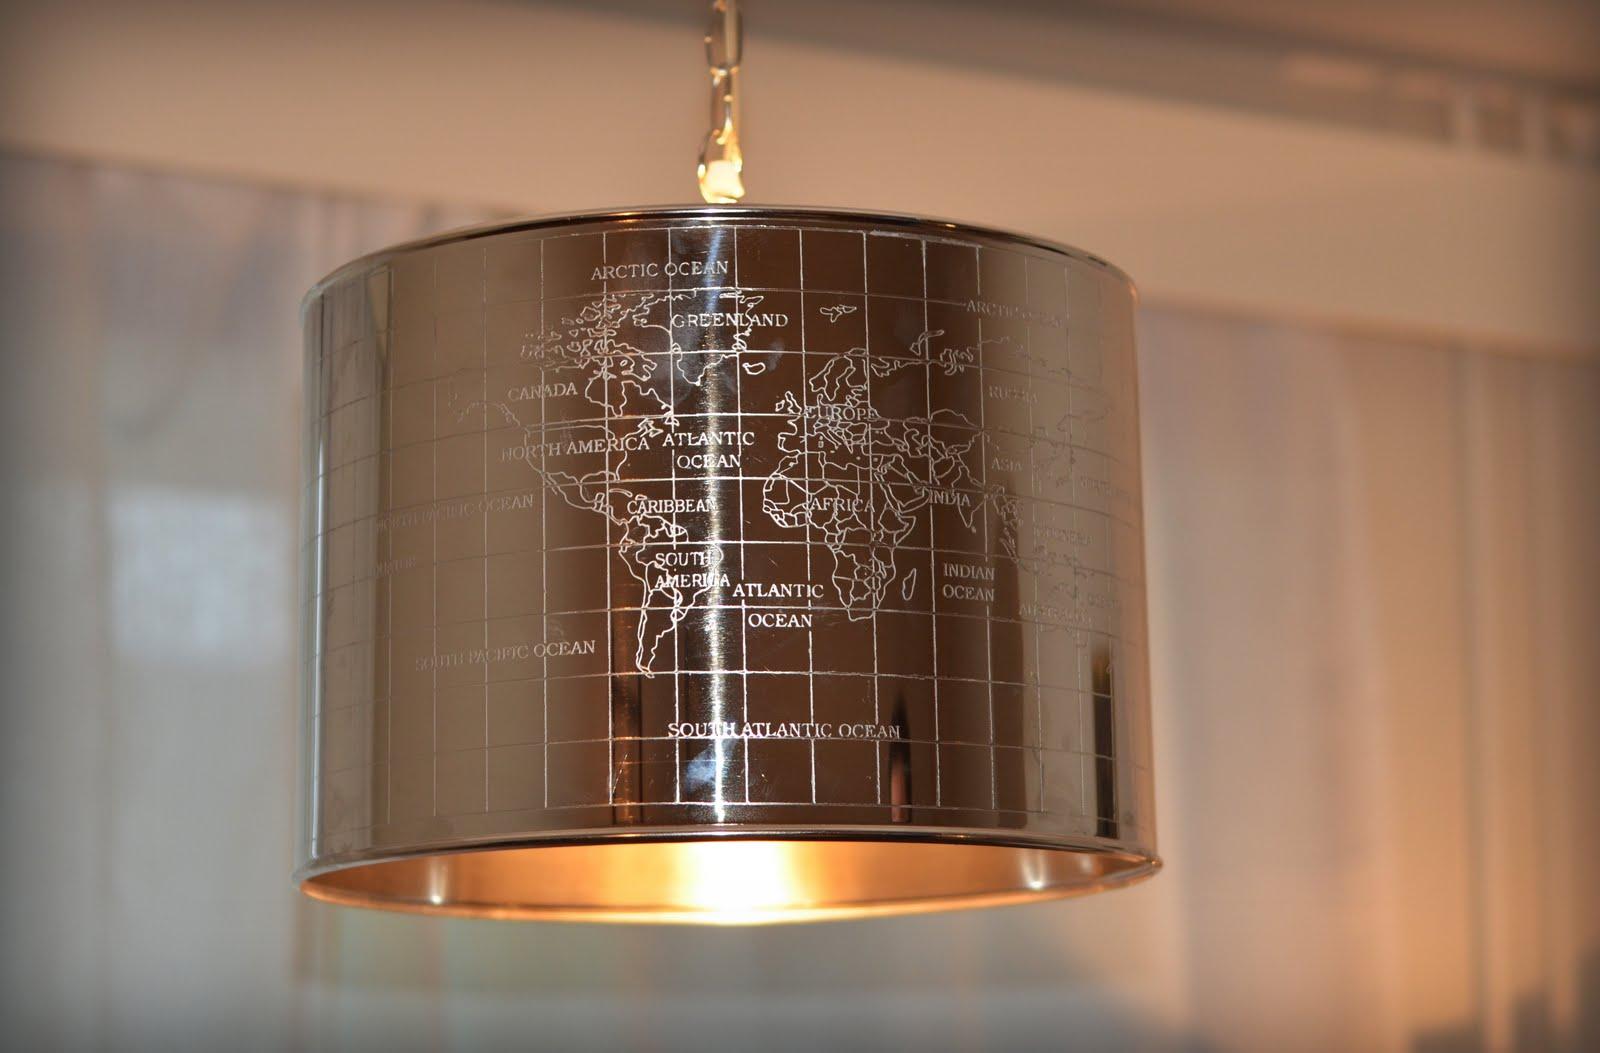 Lampen Riviera Maison : Riviera maison hanglamp world map: villa riviera möbel accessoires